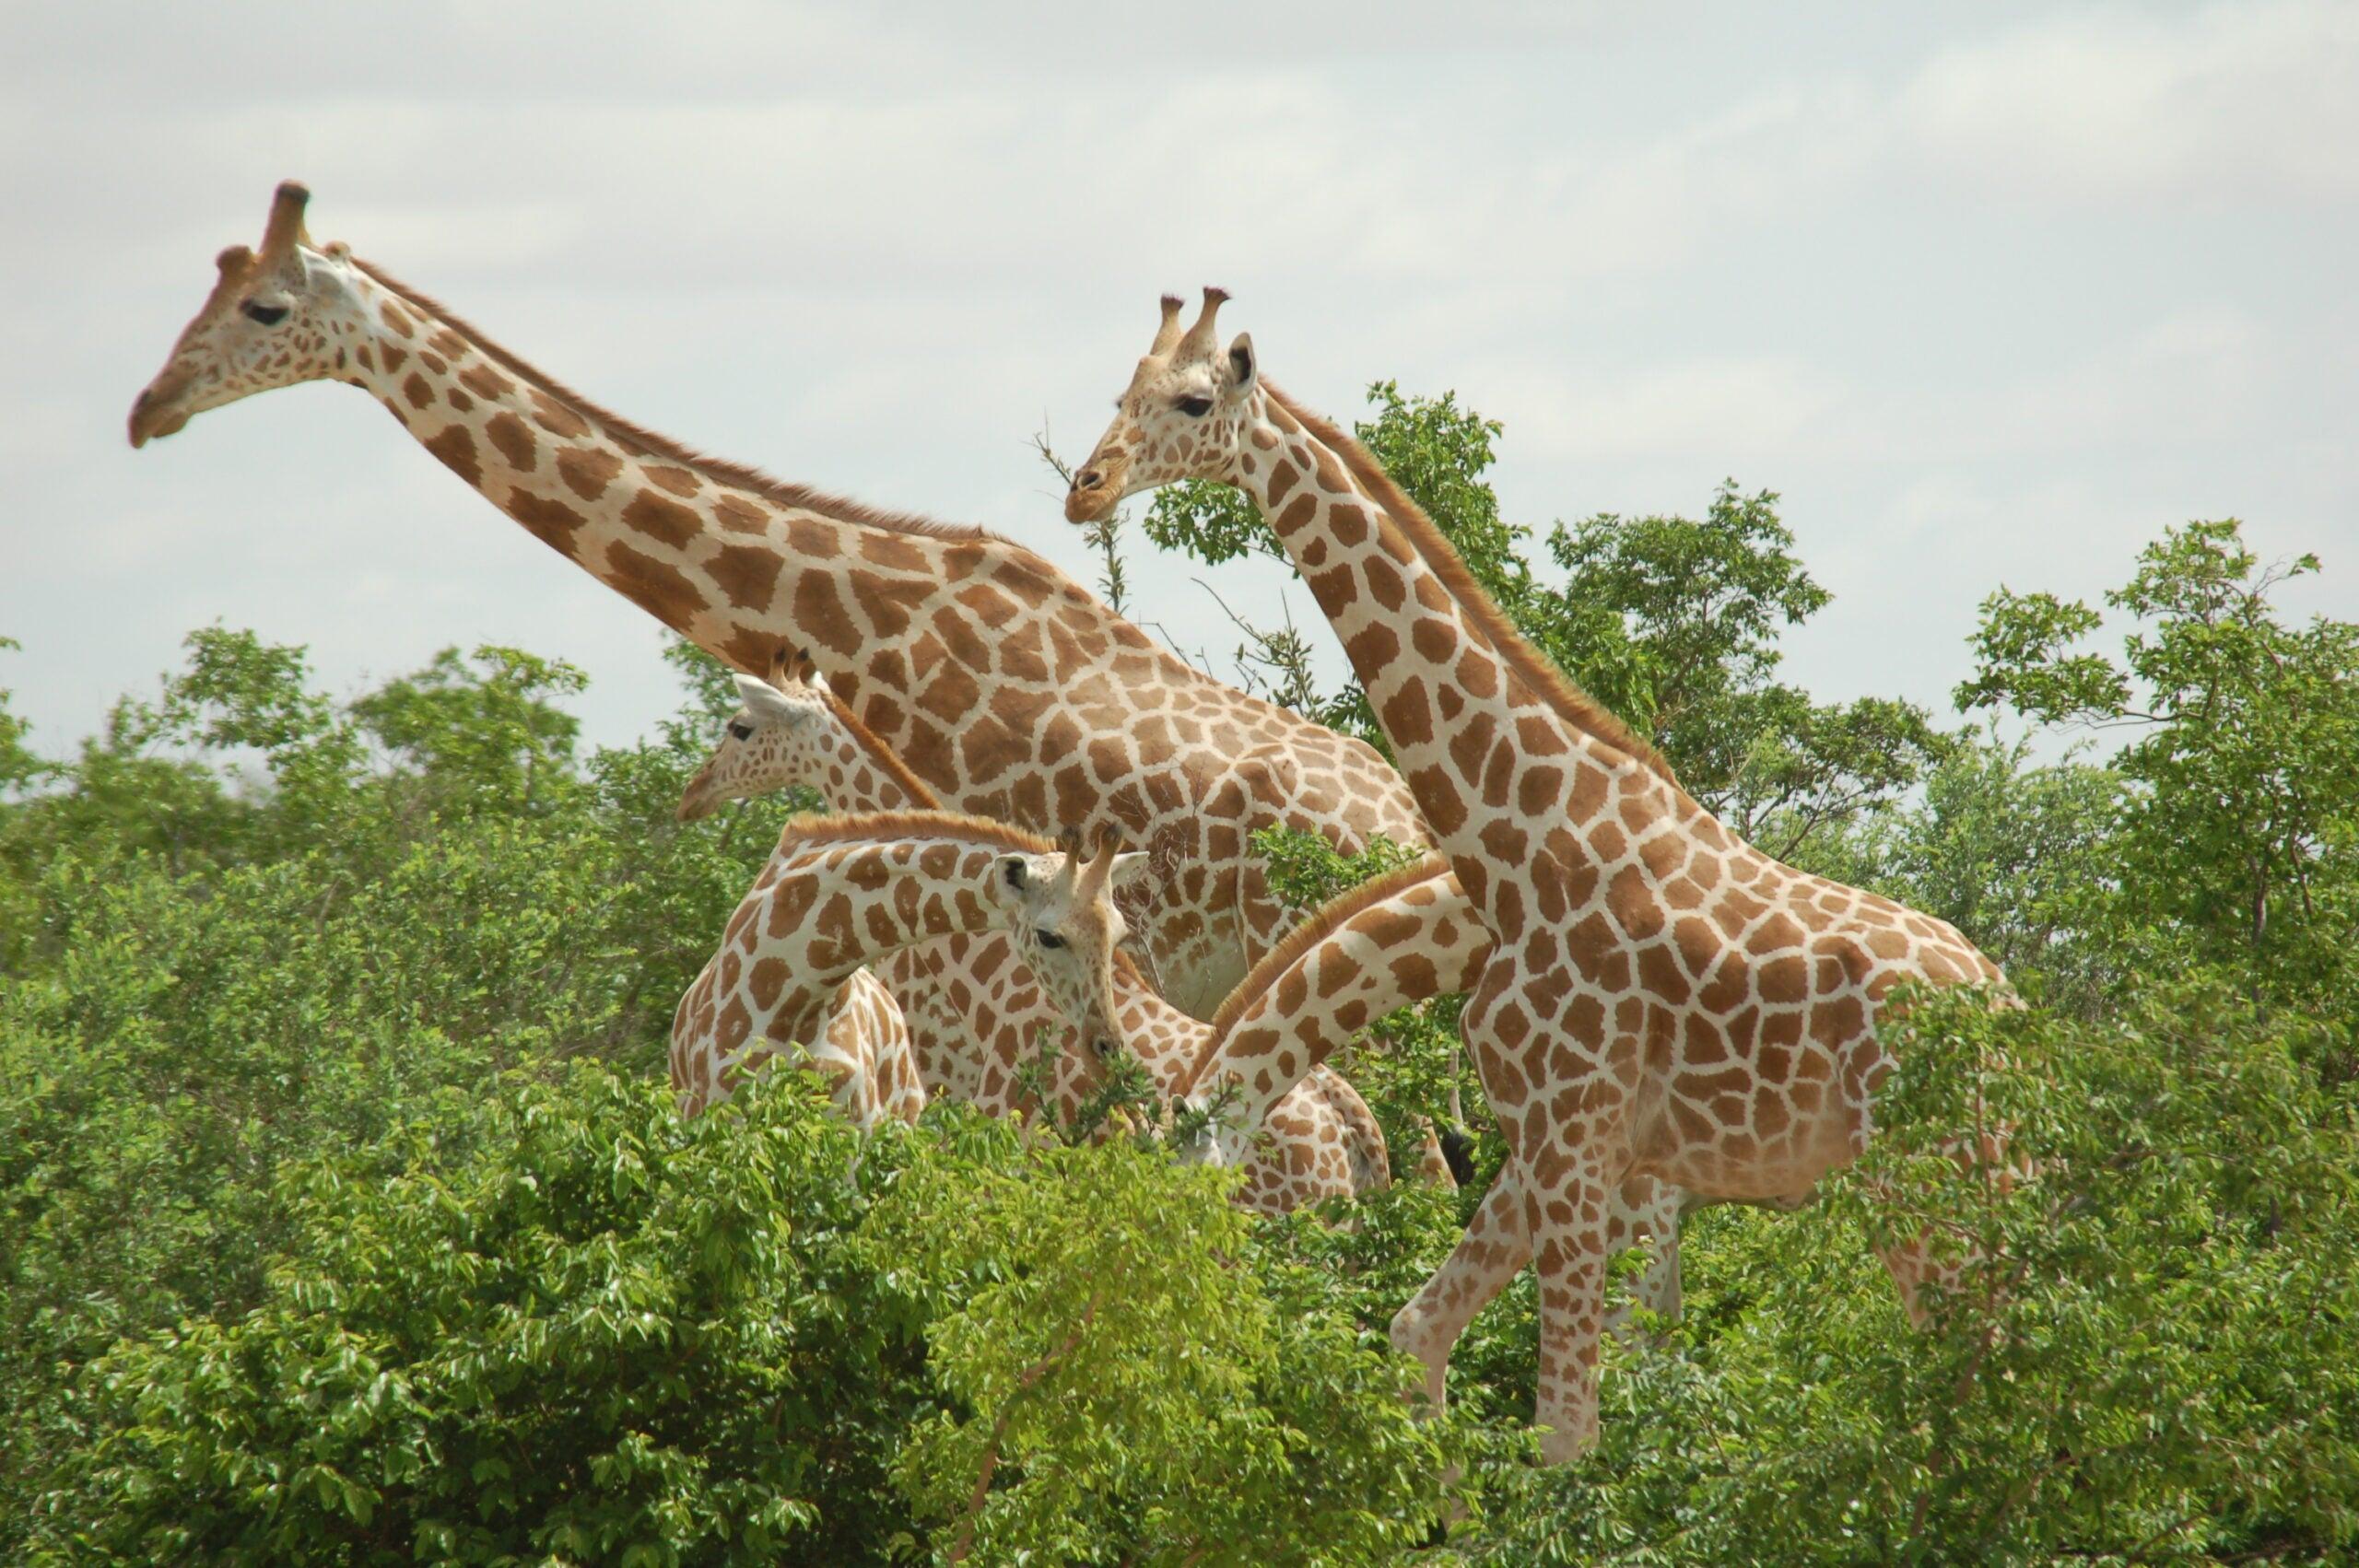 How To Keep Your Giraffe Warm